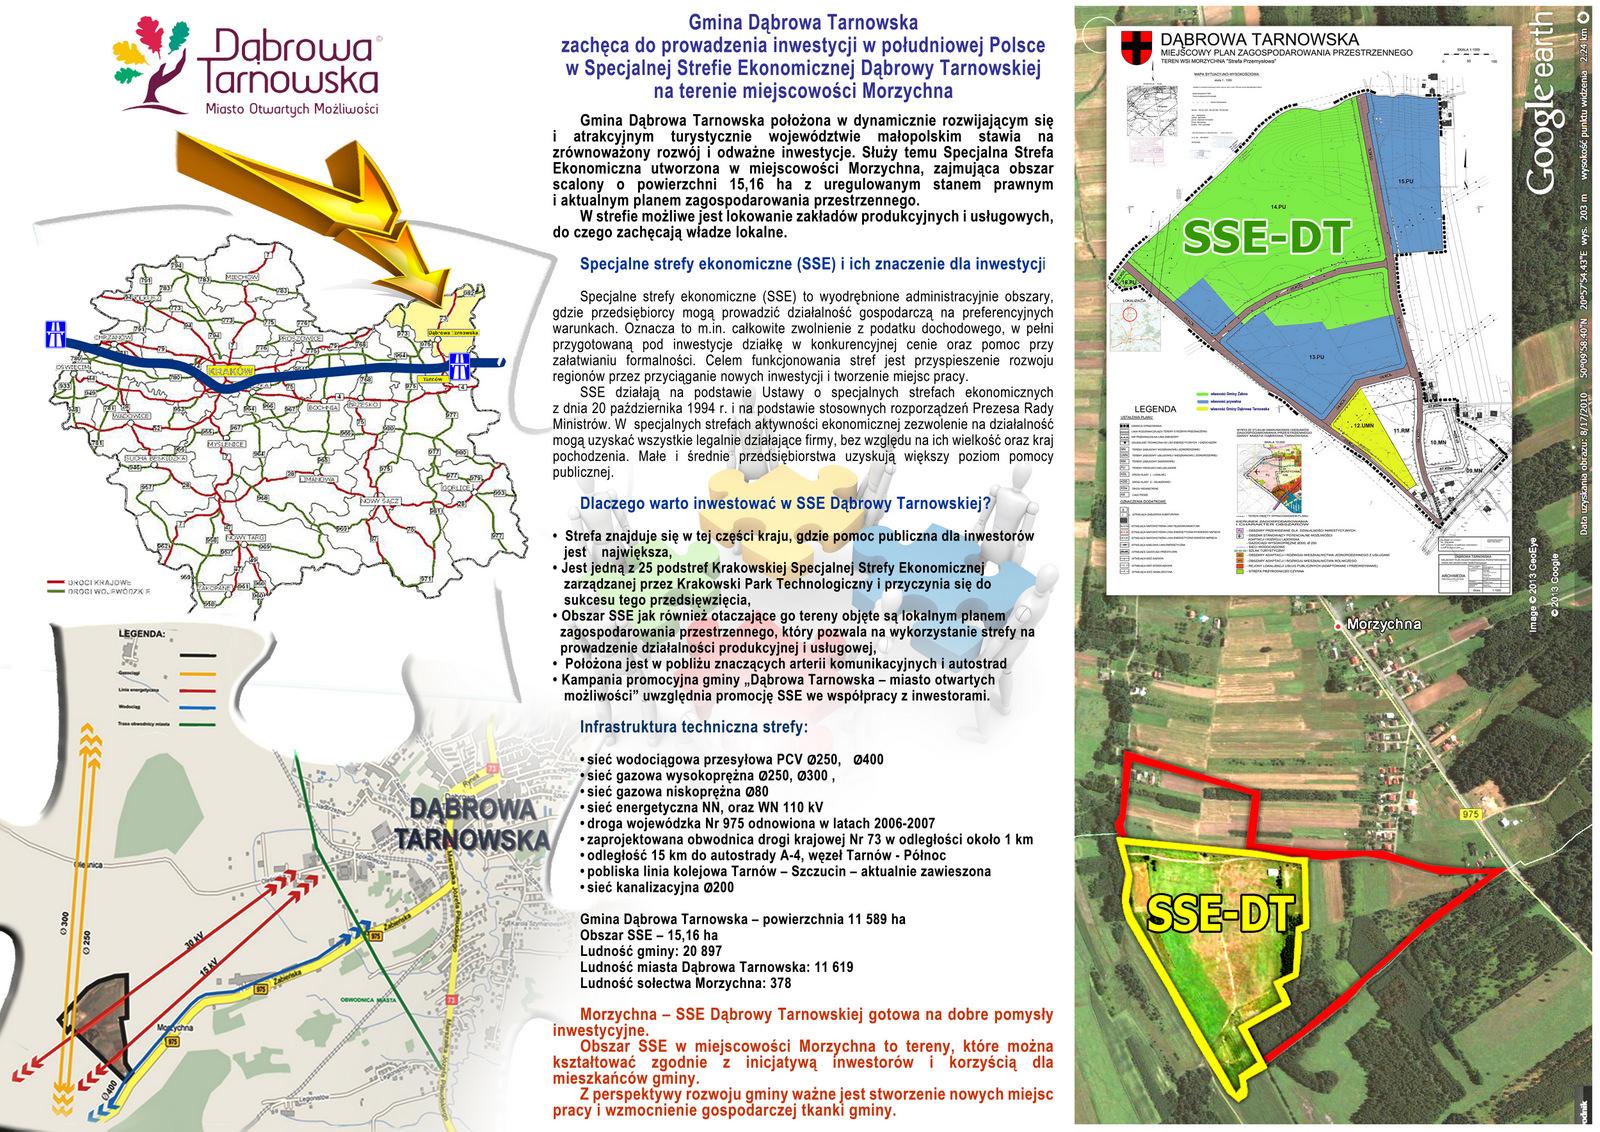 2 SSE Morzychna FOLDER A4 3  <cent />Foldery promocyjno   informacyjne, prezentacje<br>Specjalnej Strefy Ekonomicznej Dąbrowa Tarnowska</center>